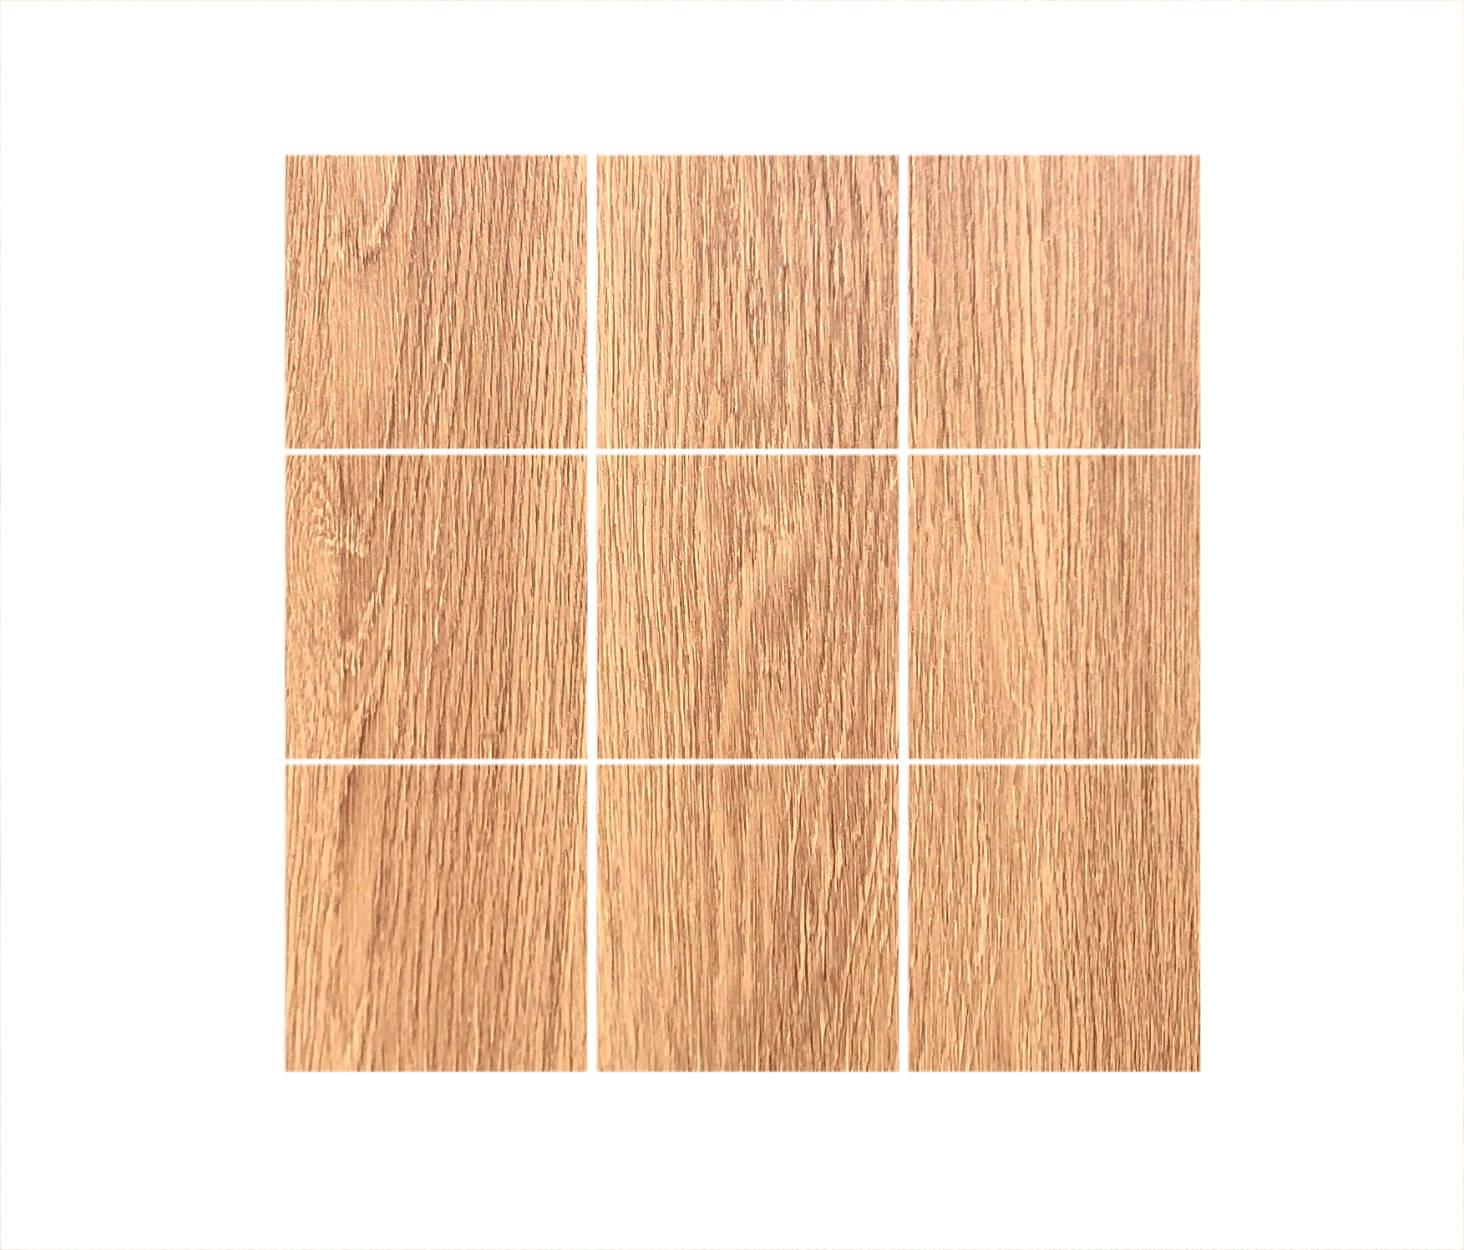 Alaska Holz KL777